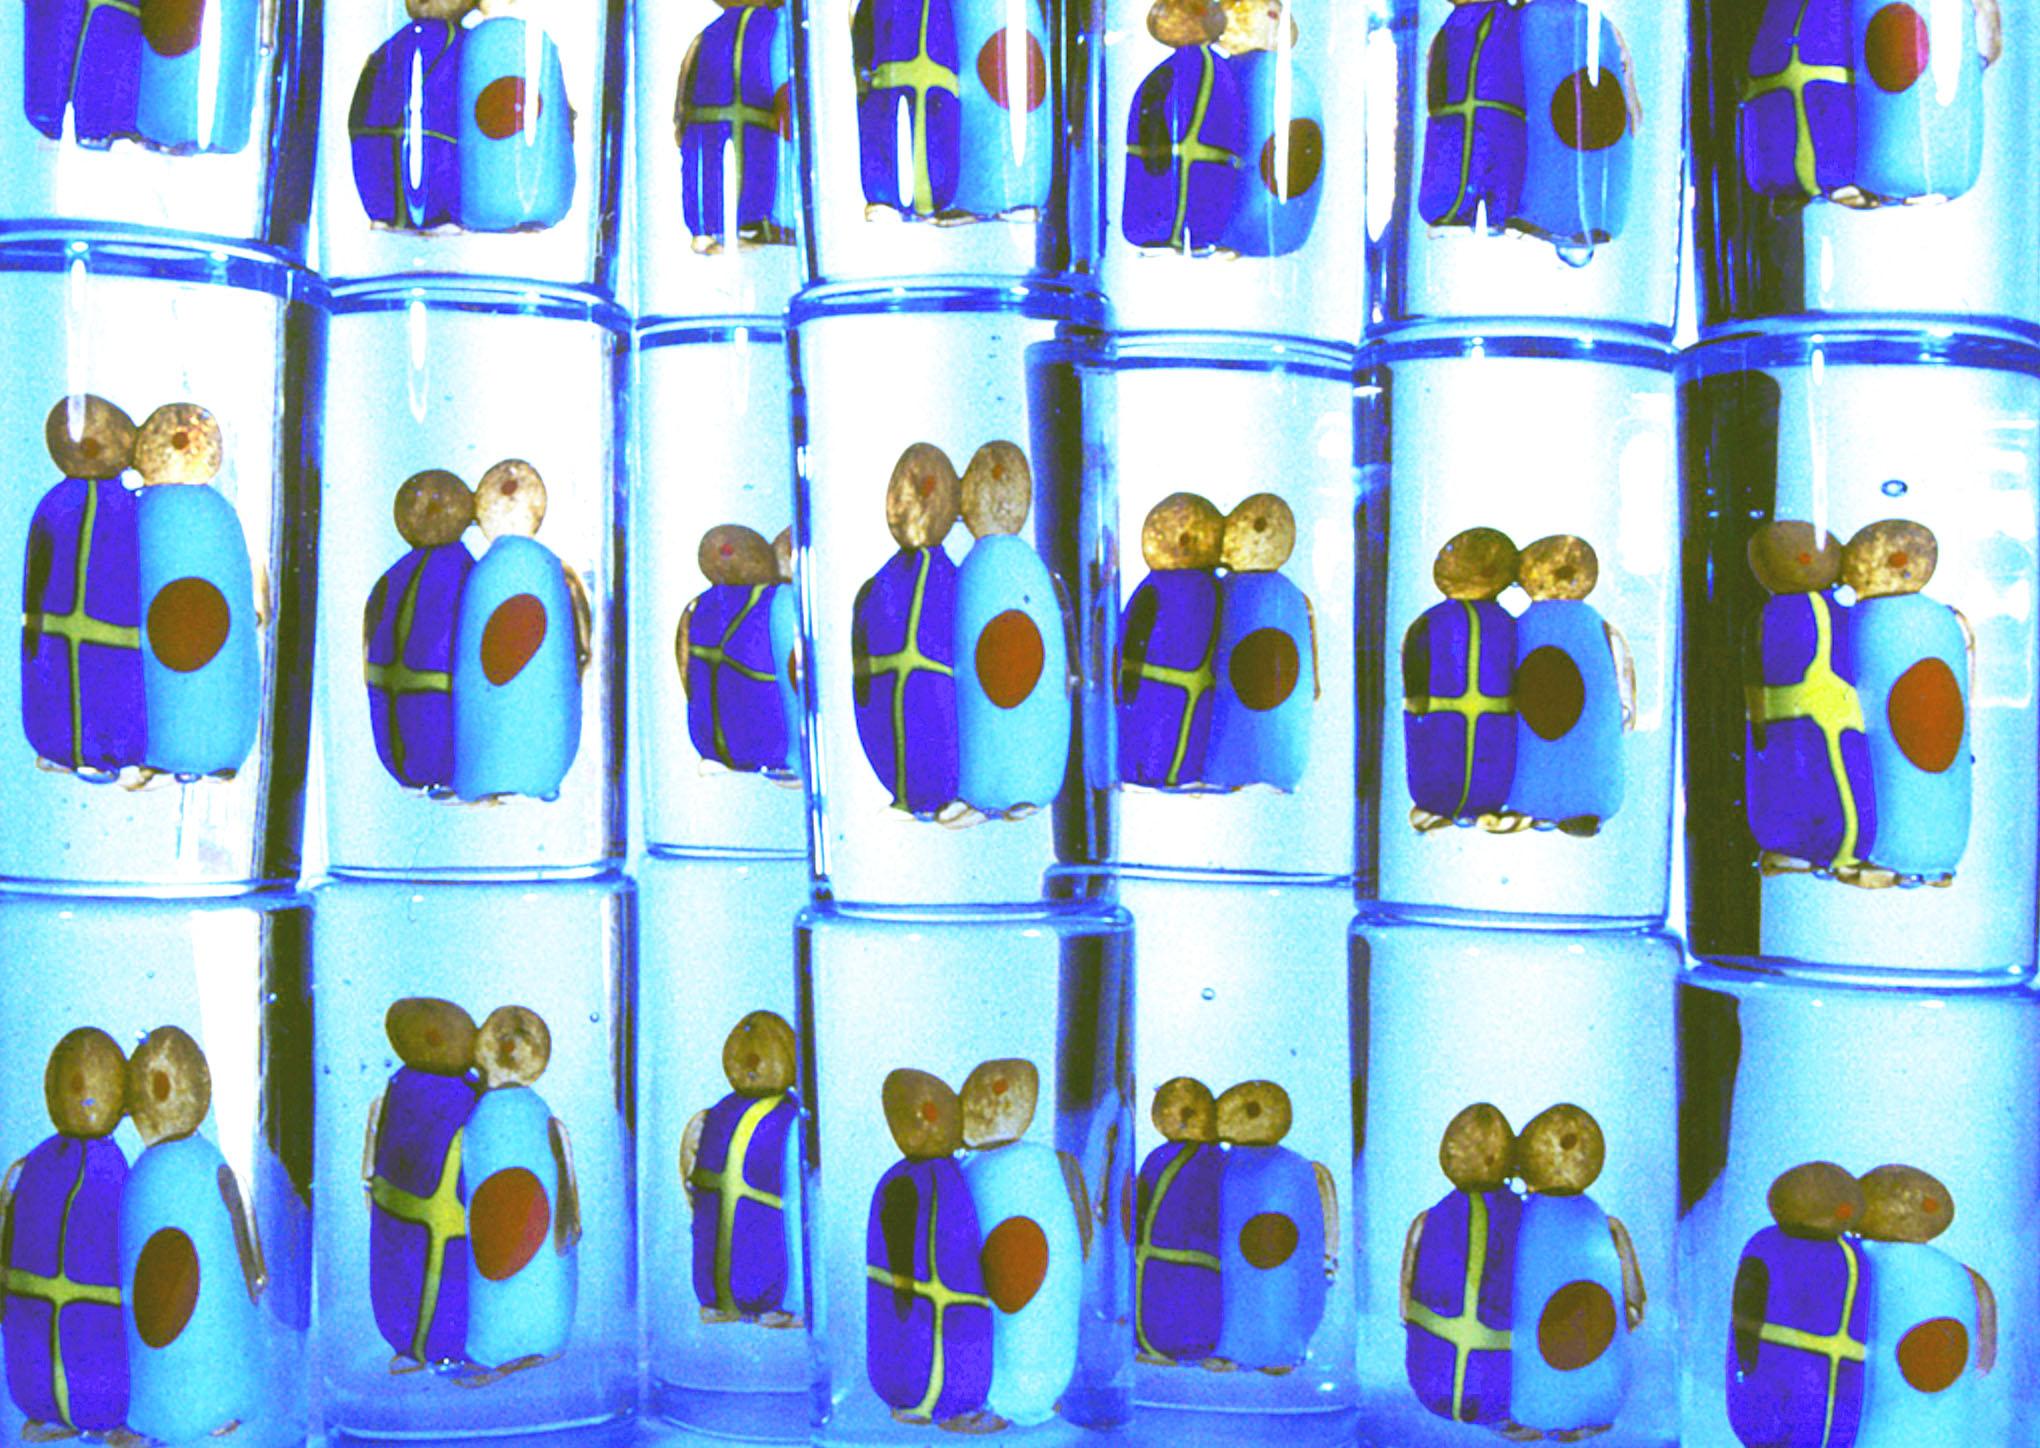 【予告】35år トレッティフェム・オール  —日瑞ガラス・木工作品展—